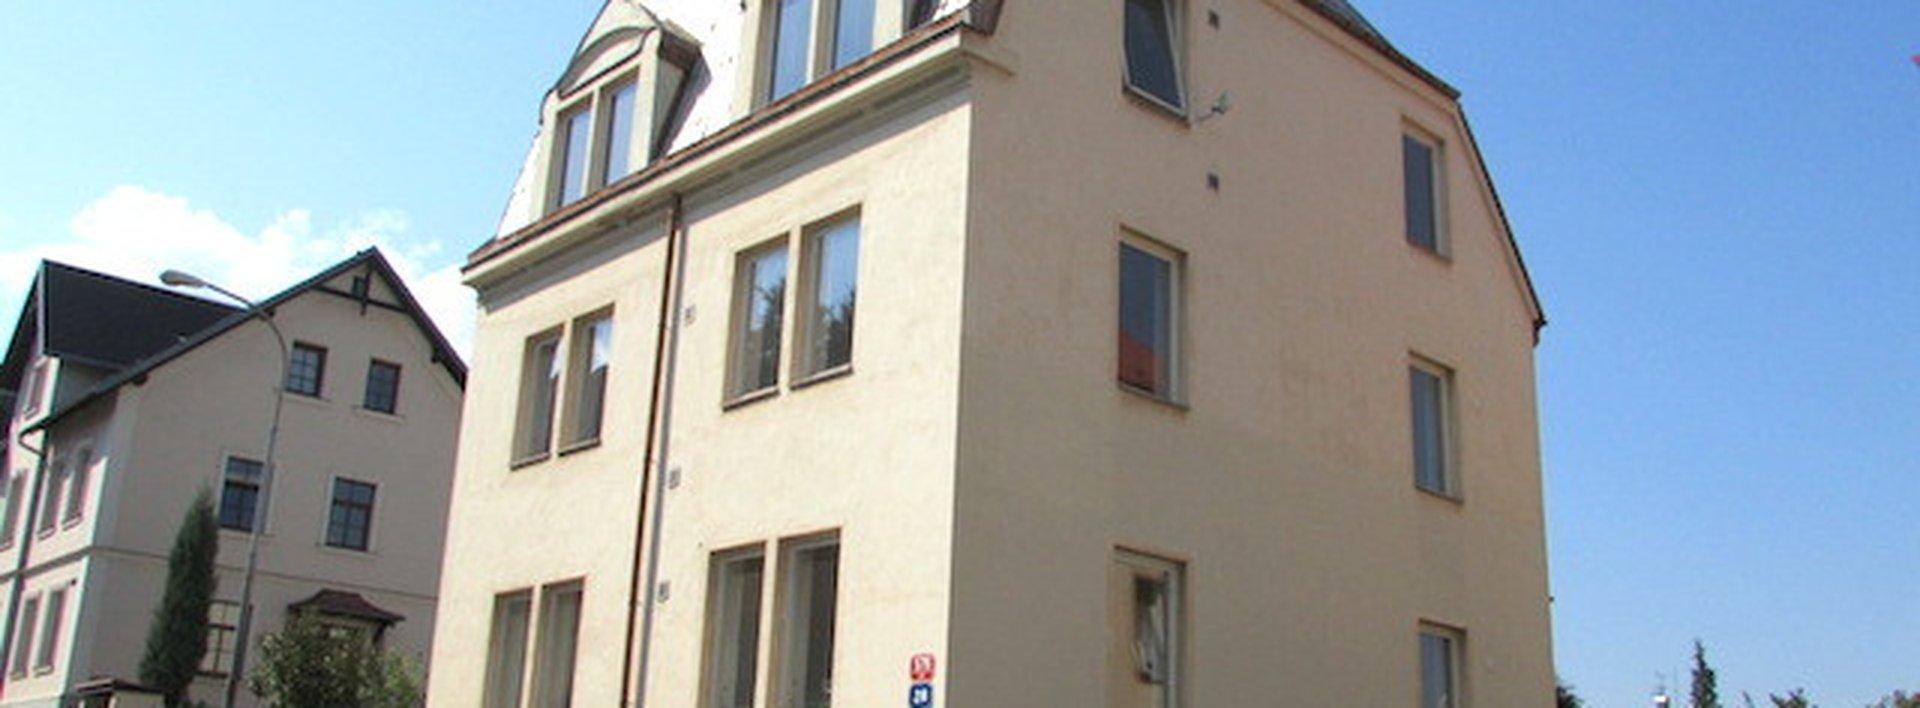 Pronájem prostoru ŠKOLKY, 204m², Americká ul., Liberec, Ev.č.: N46689